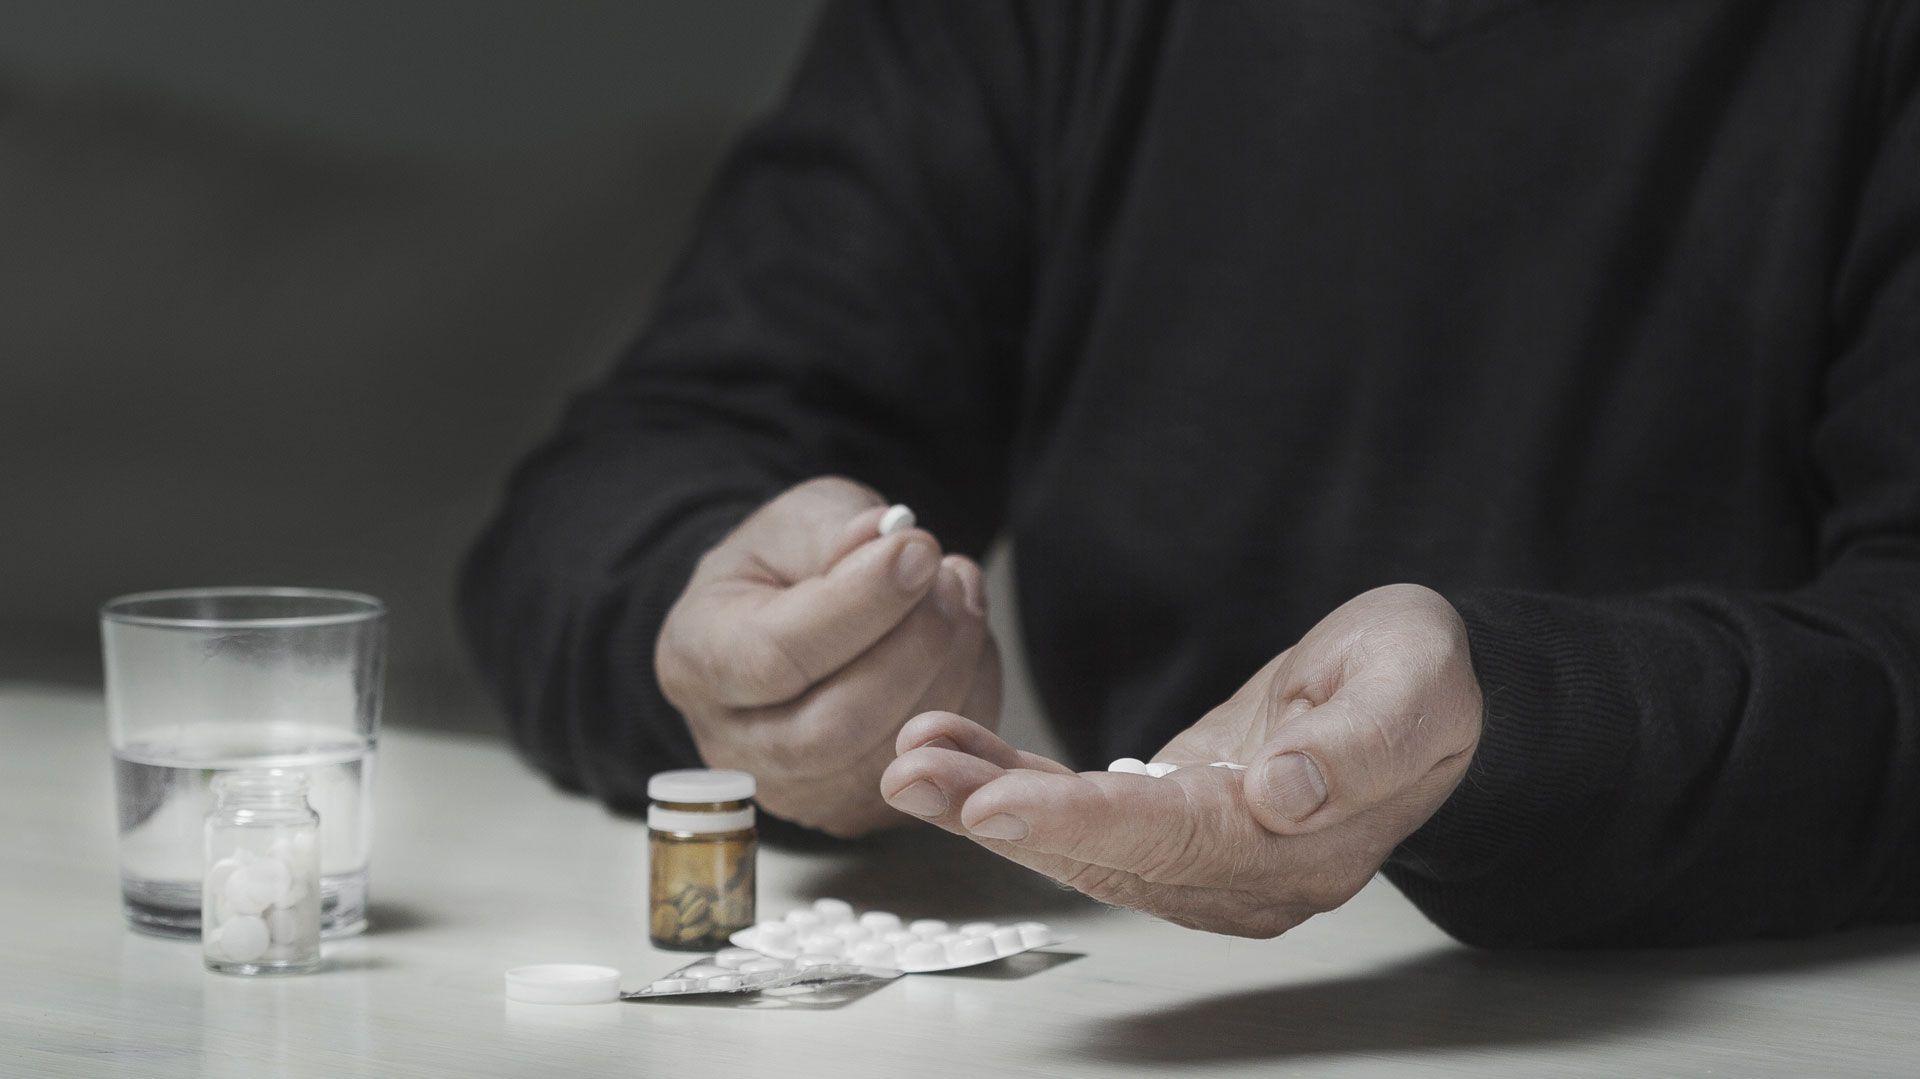 Distintos estudios con antidepresivos observaron resultados alentadores en distintas enfermedades - Shutterstock